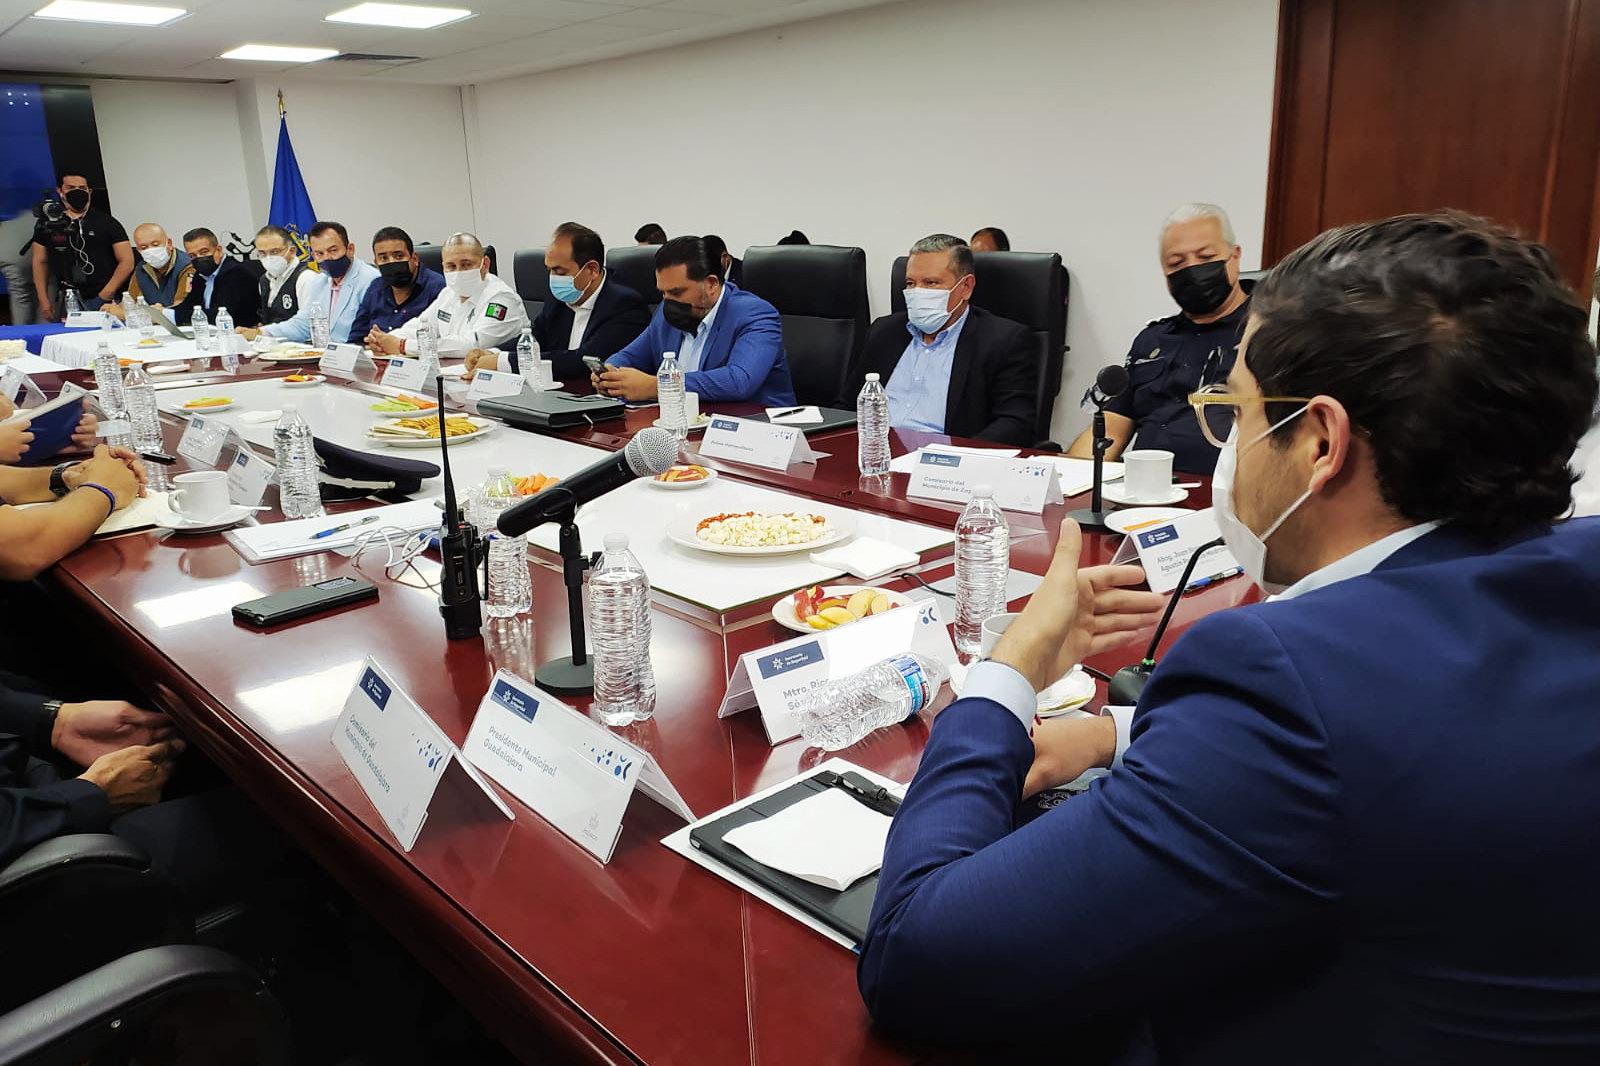 Acuerdan acciones de seguridad para el Área Metropolitana de Guadalajara